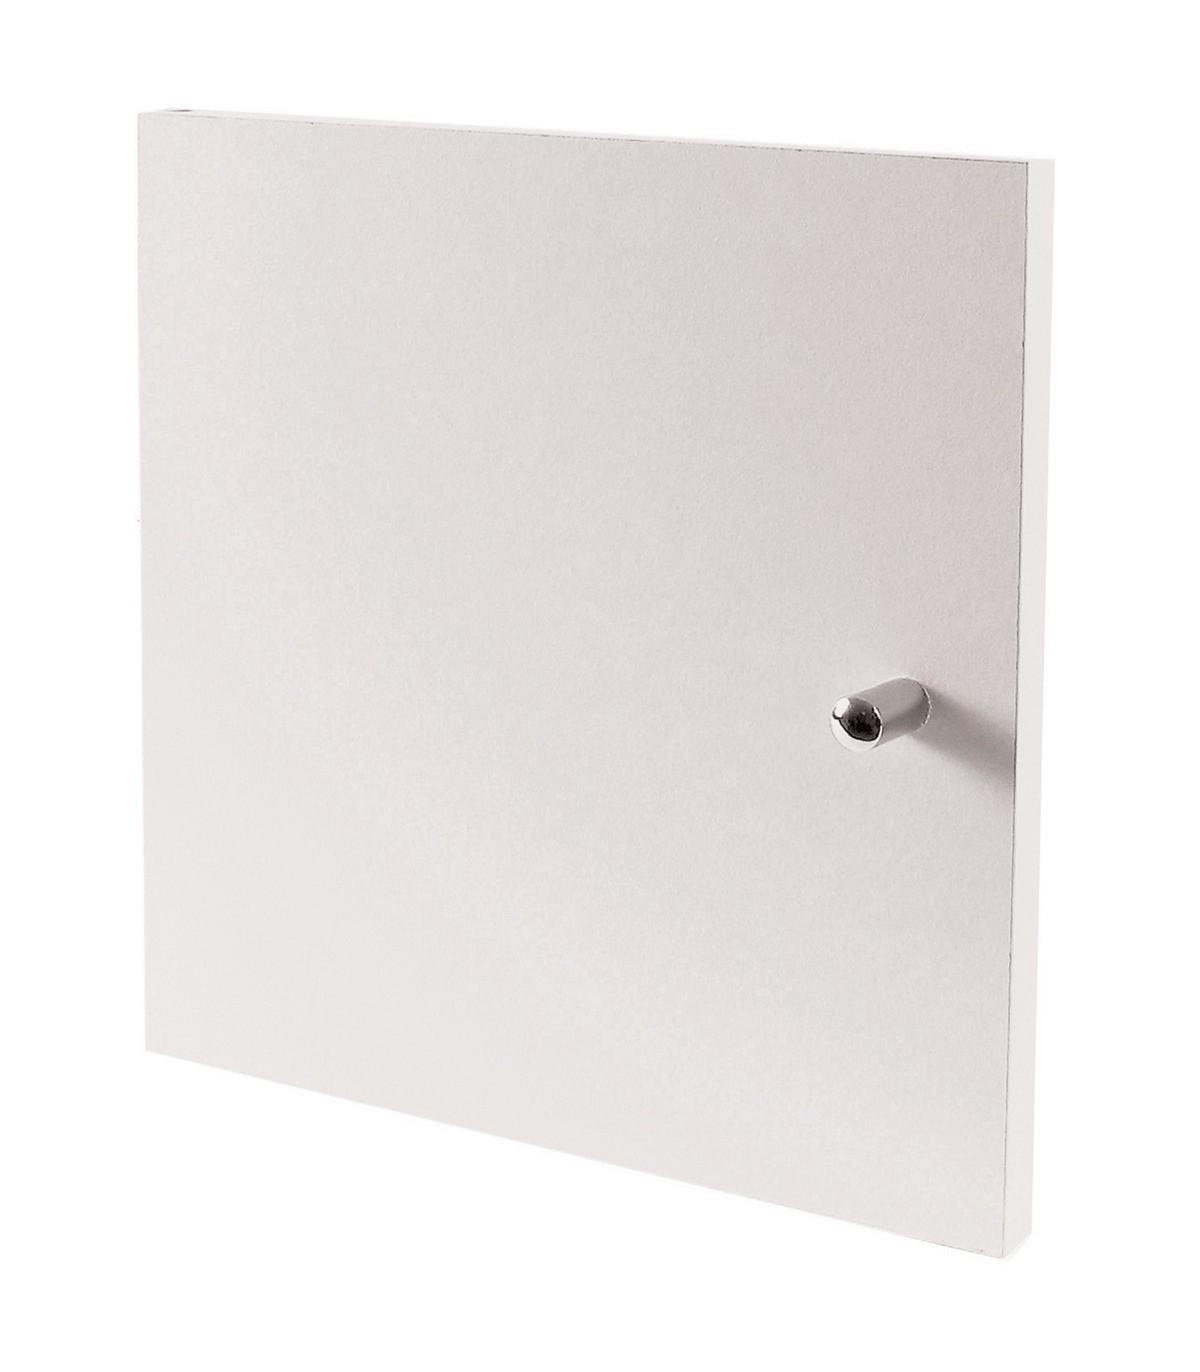 Porte pour meuble à cases bouton de porte inox - Blanc